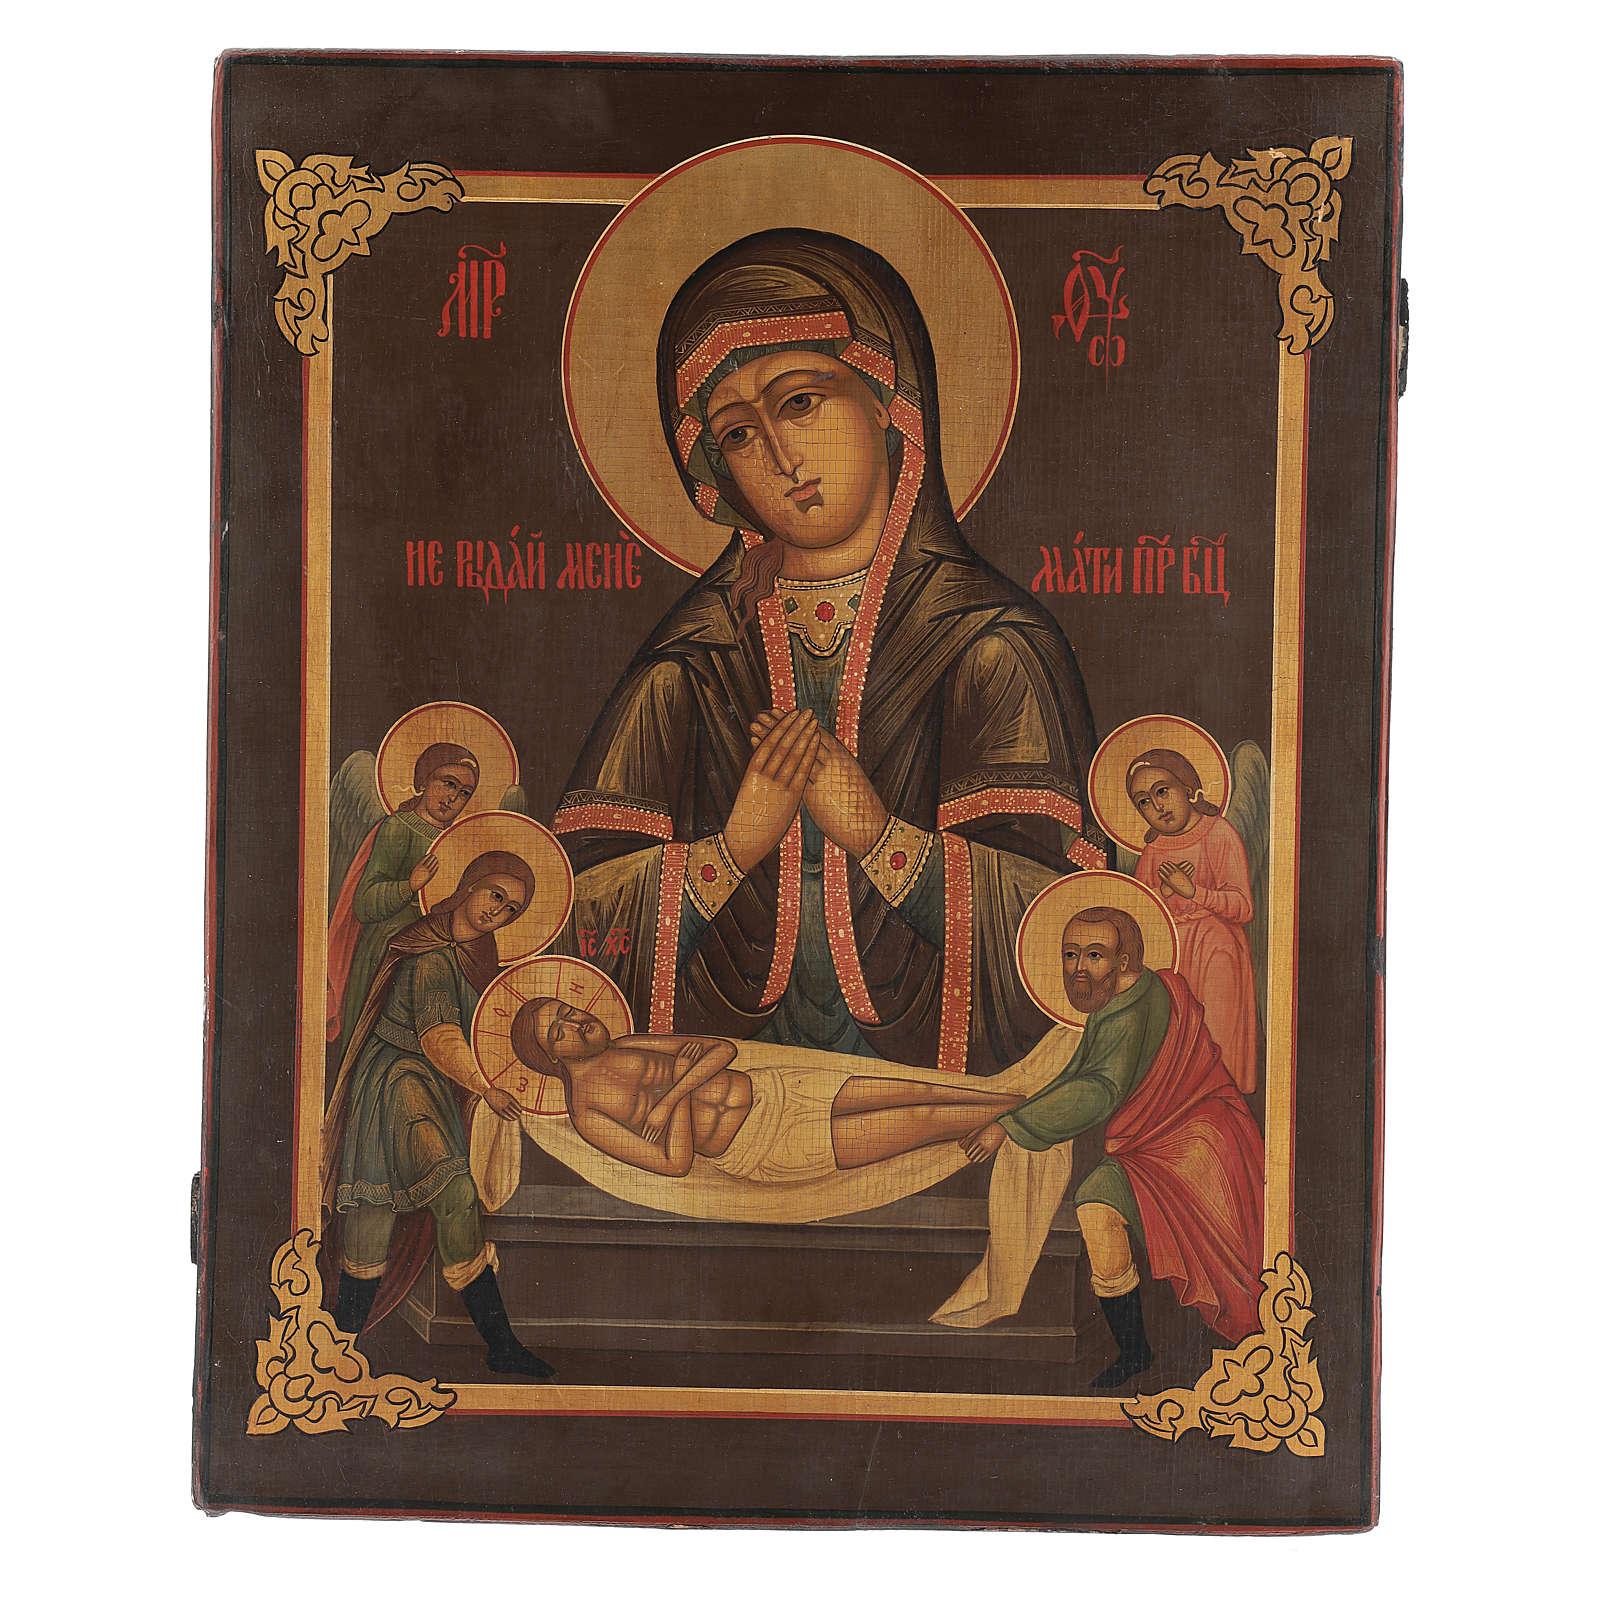 Ícone antigo russo restaurado Não chore por mim 45x35 cm 4